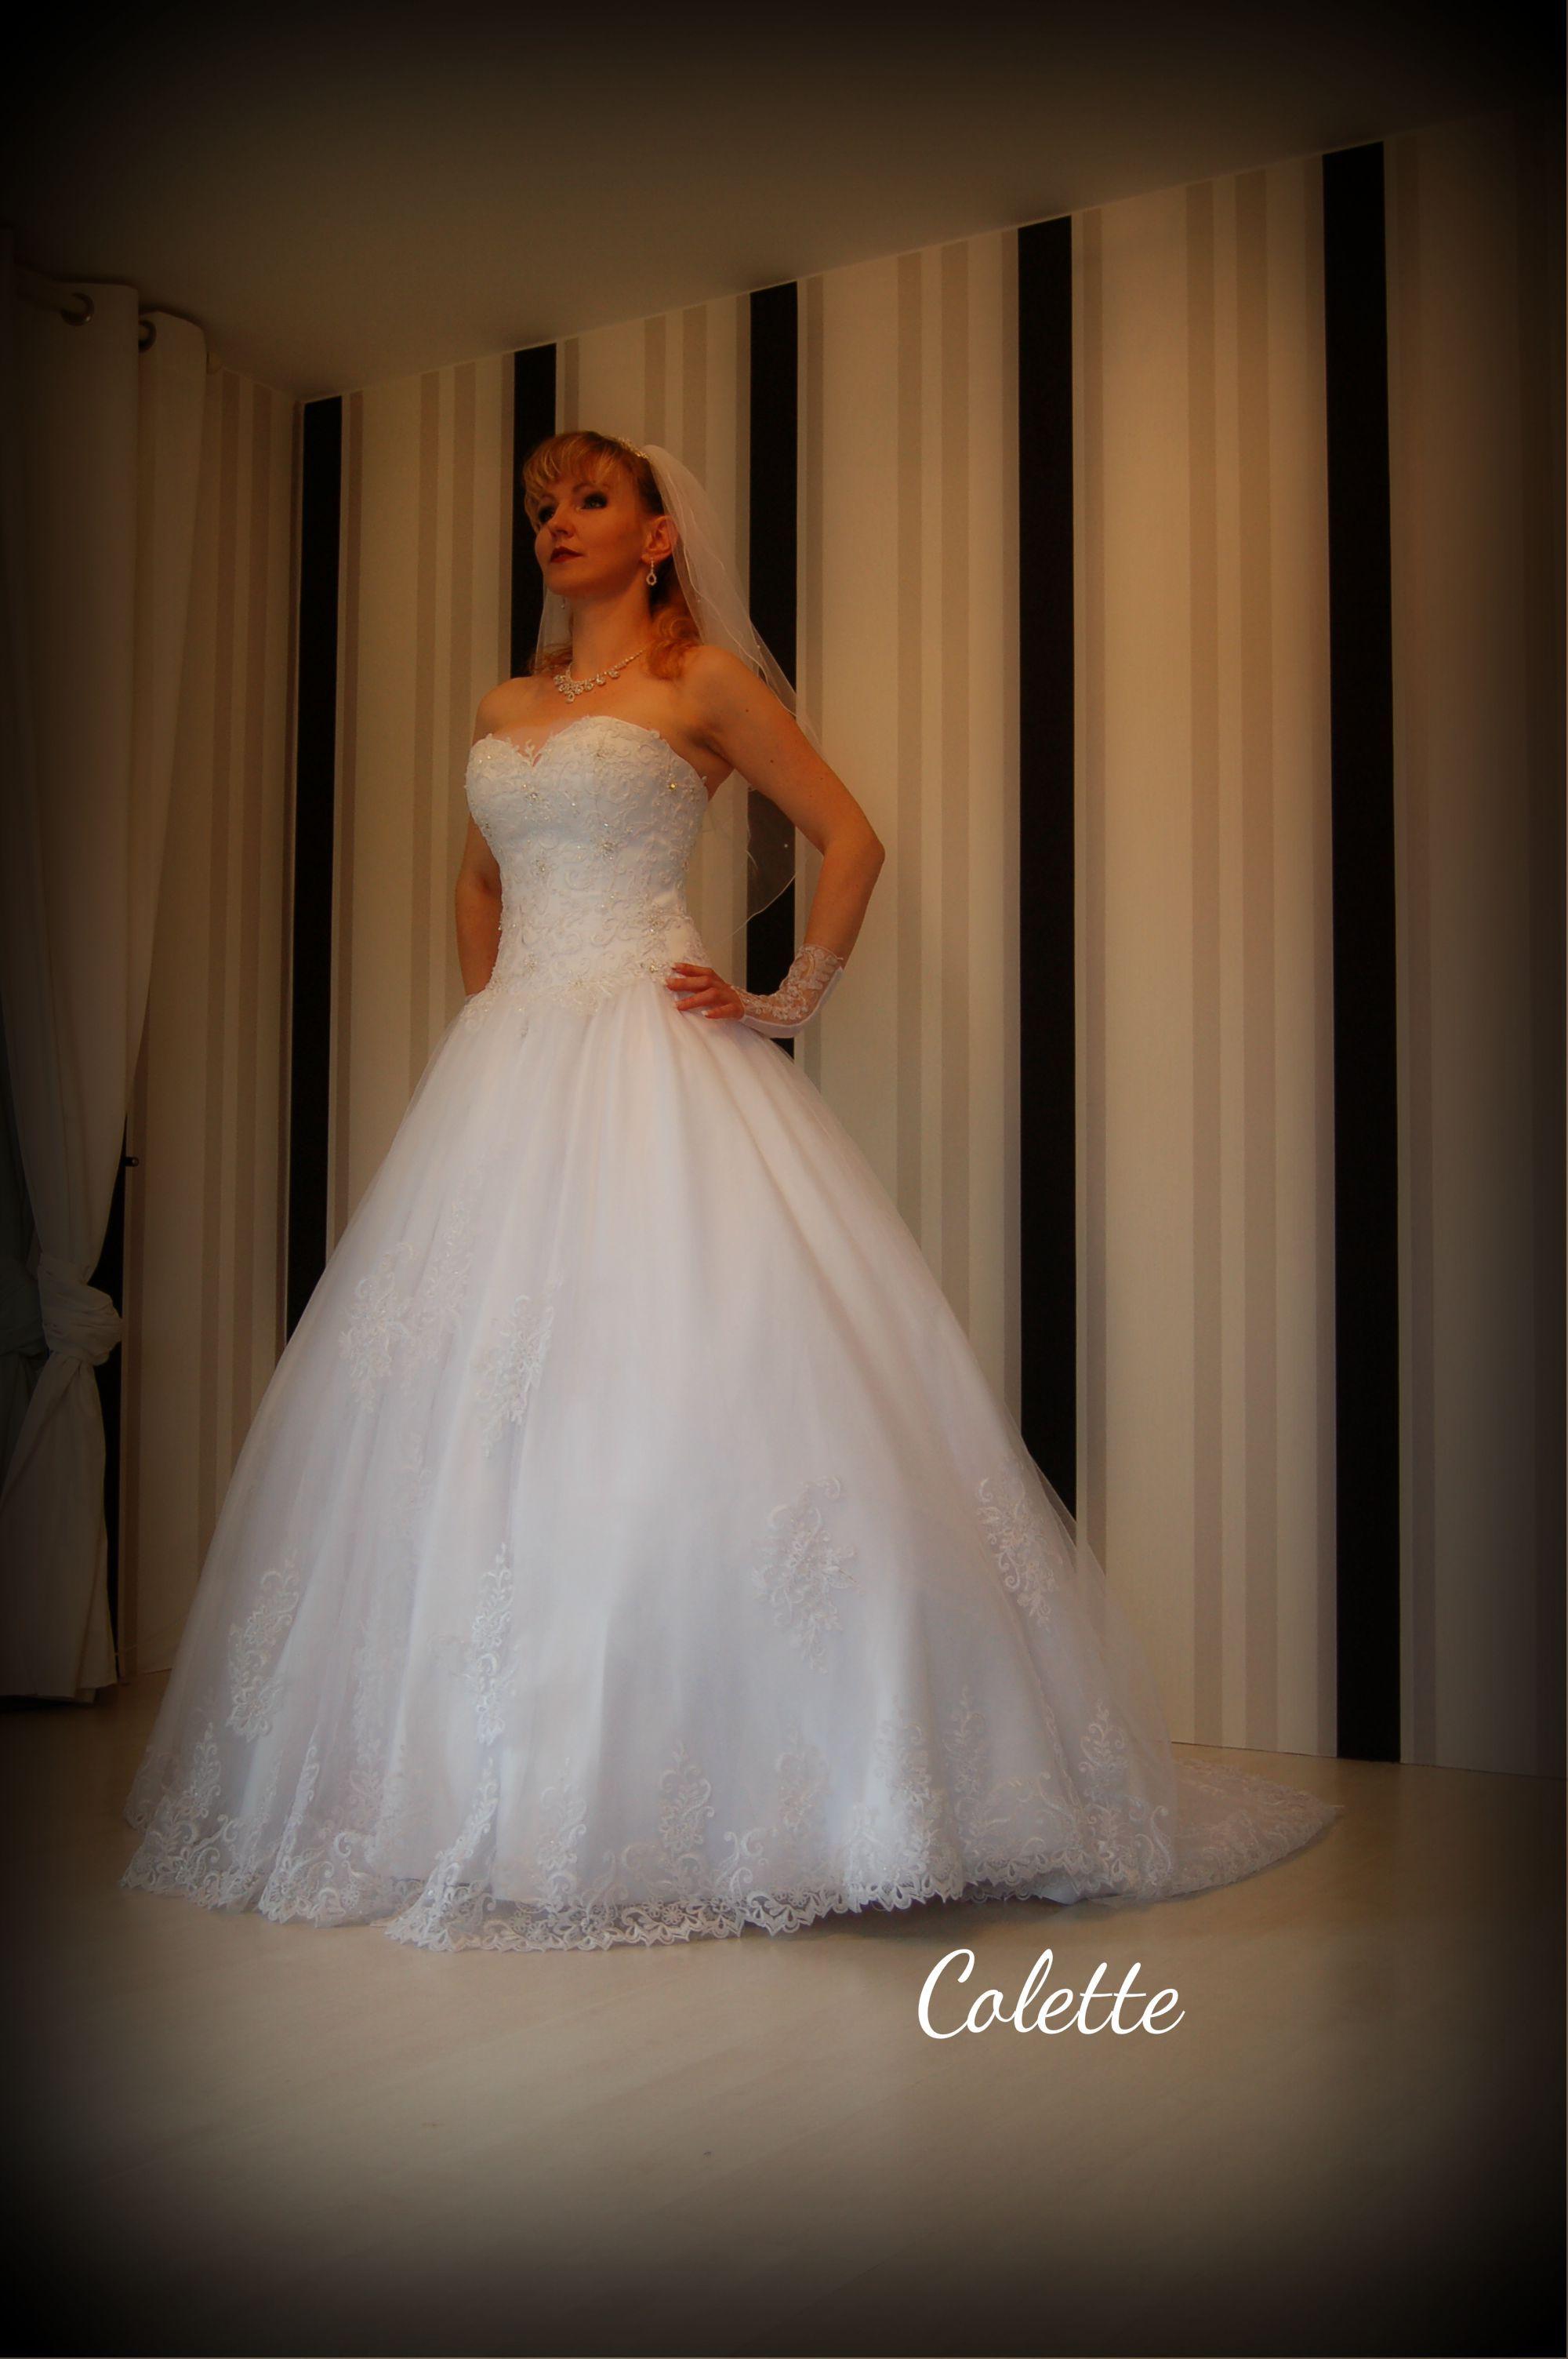 Hochwertiges Brautkleid Colette mit schöner Spitze und edler Corsage ...